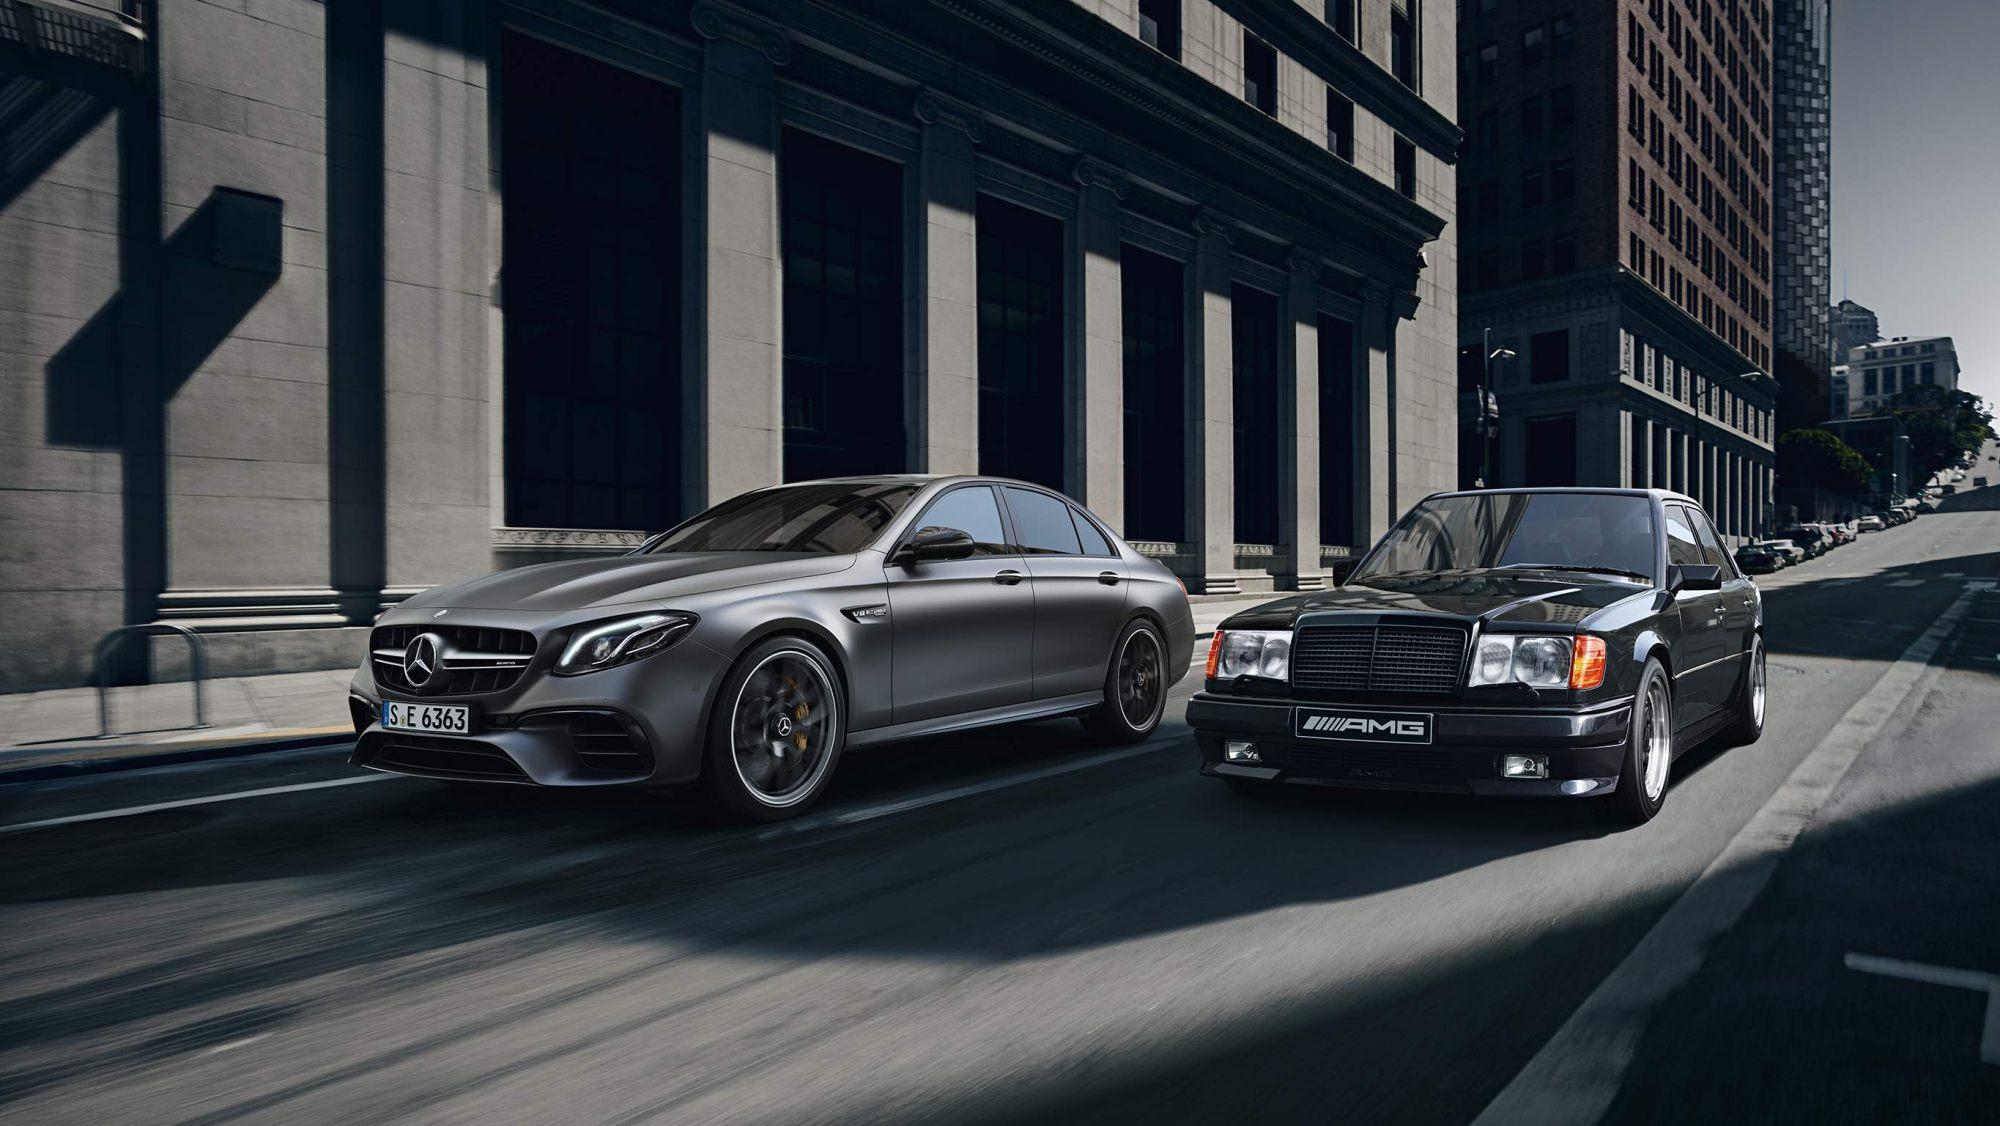 Світ Mercedes: 50 років Mercedes-AMG